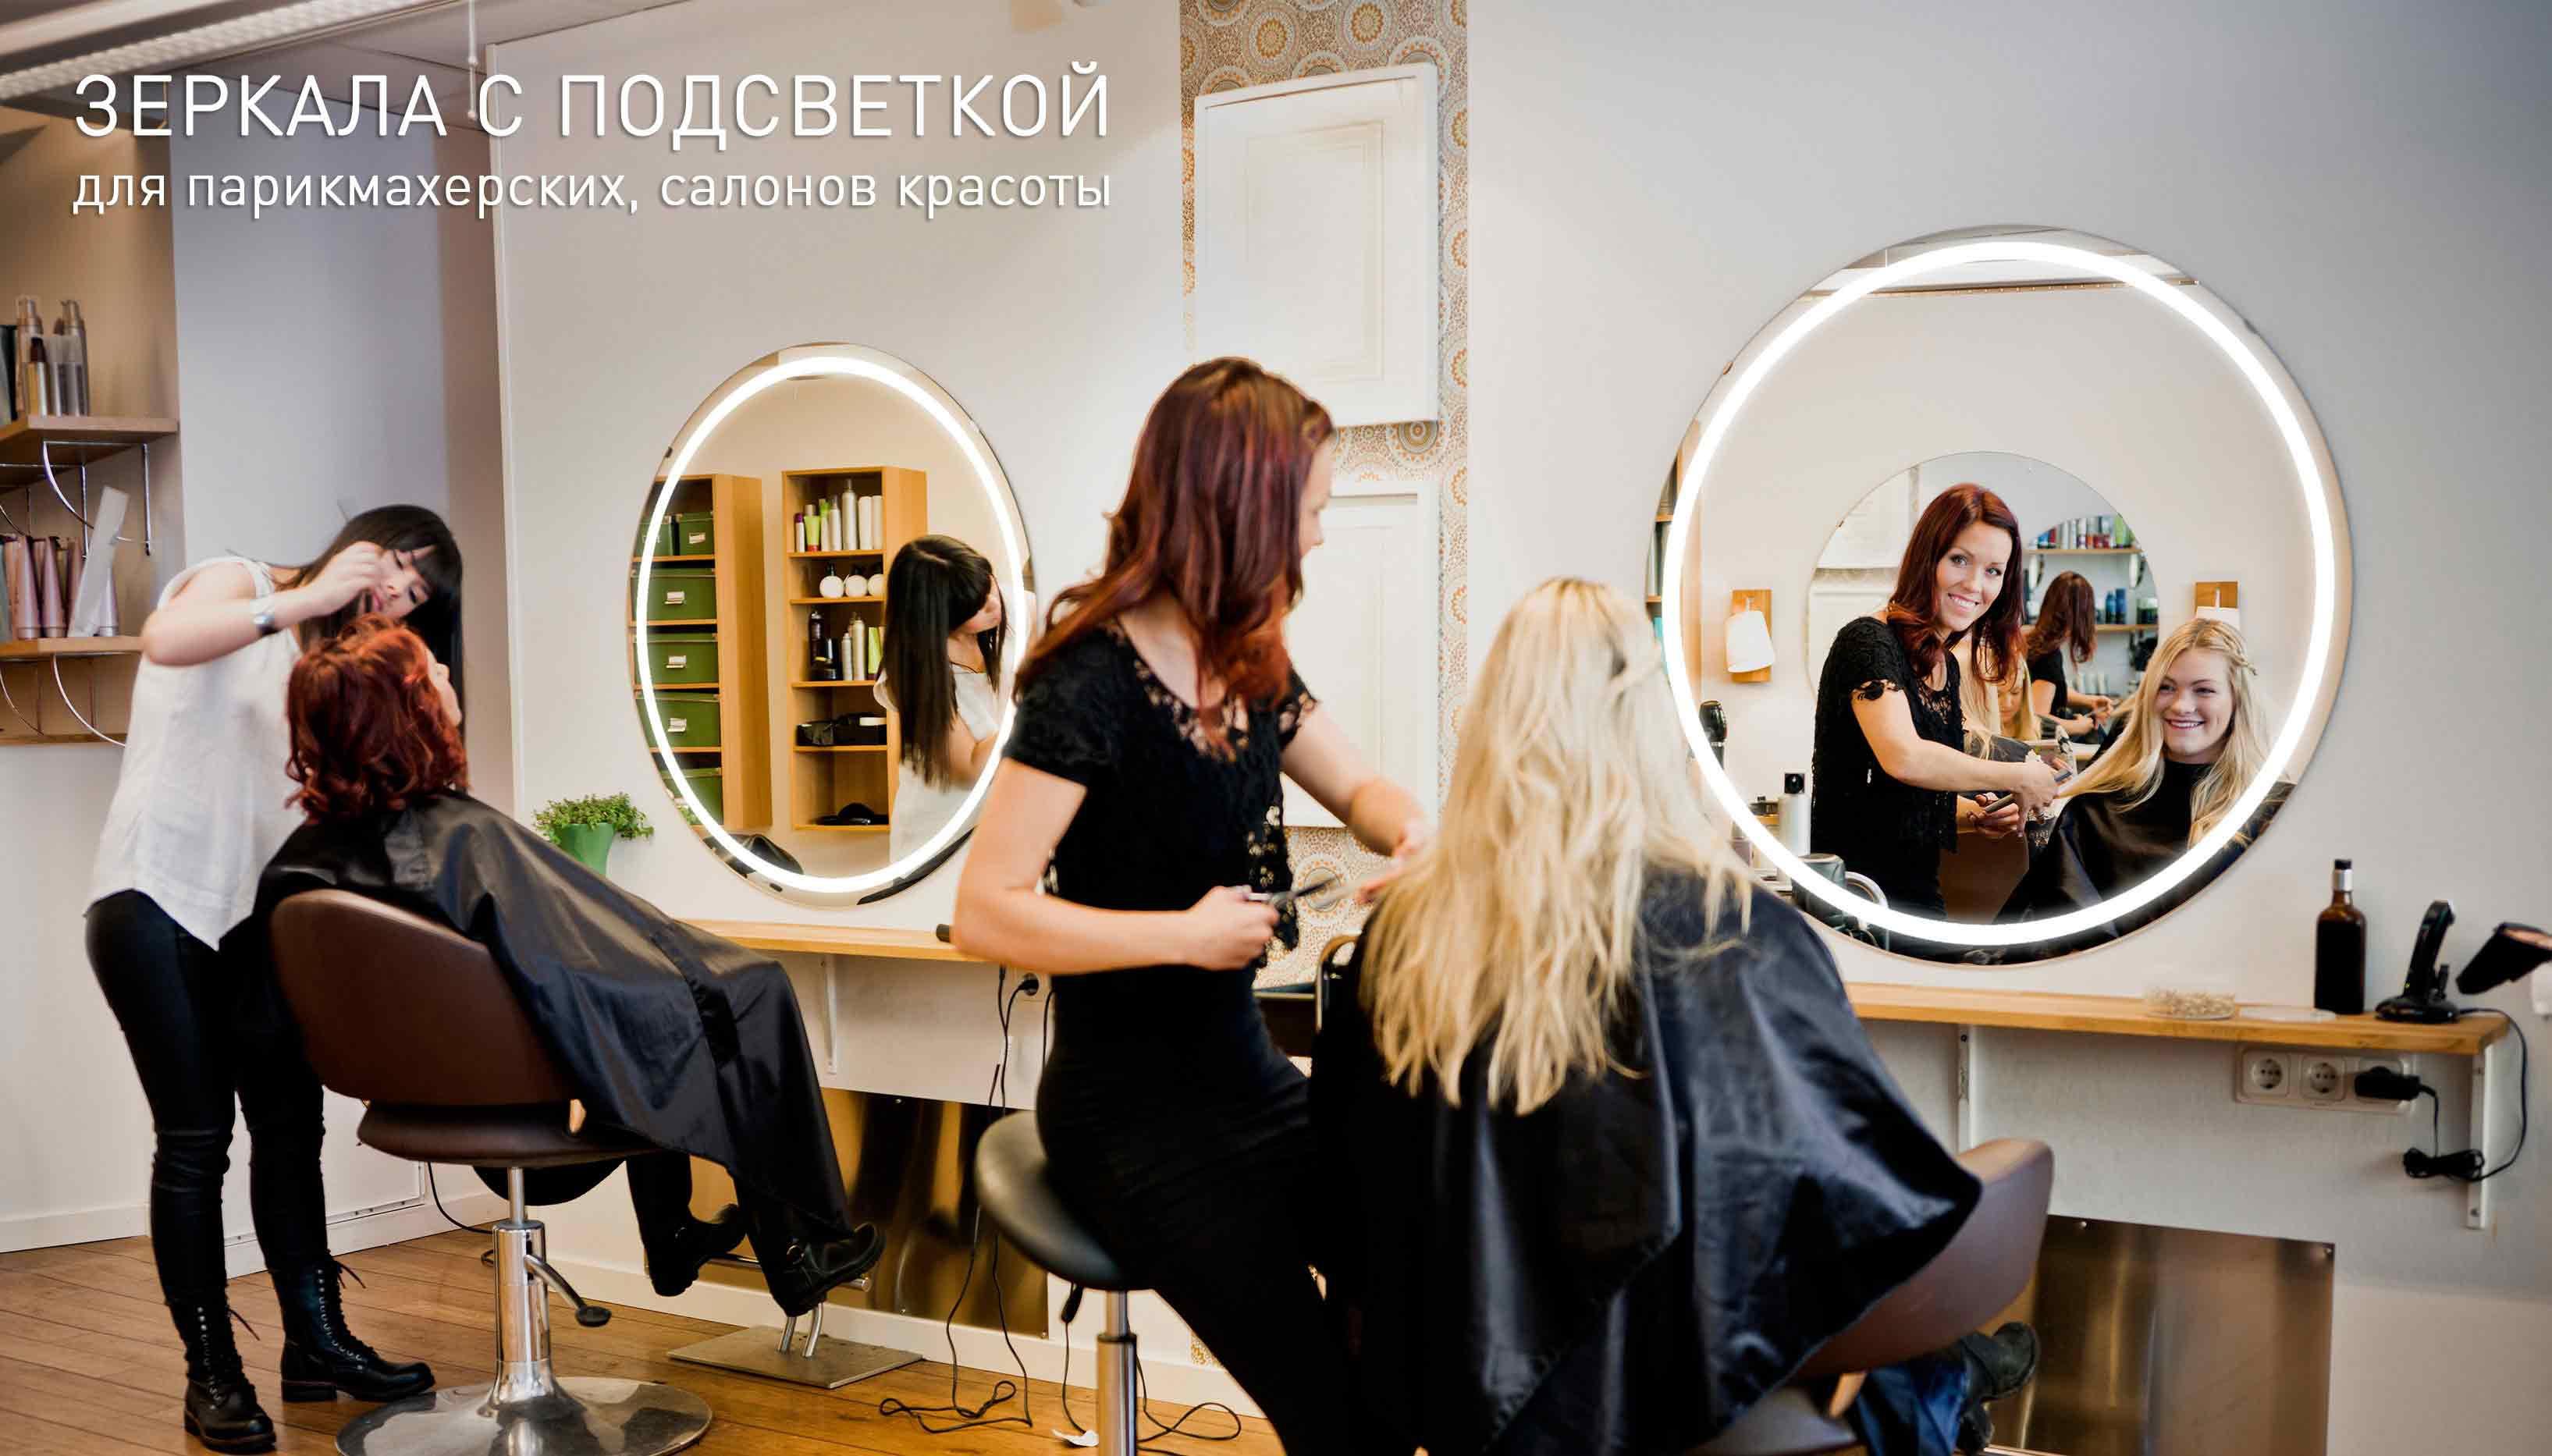 Зеркала с подсветкой для парикмахерских